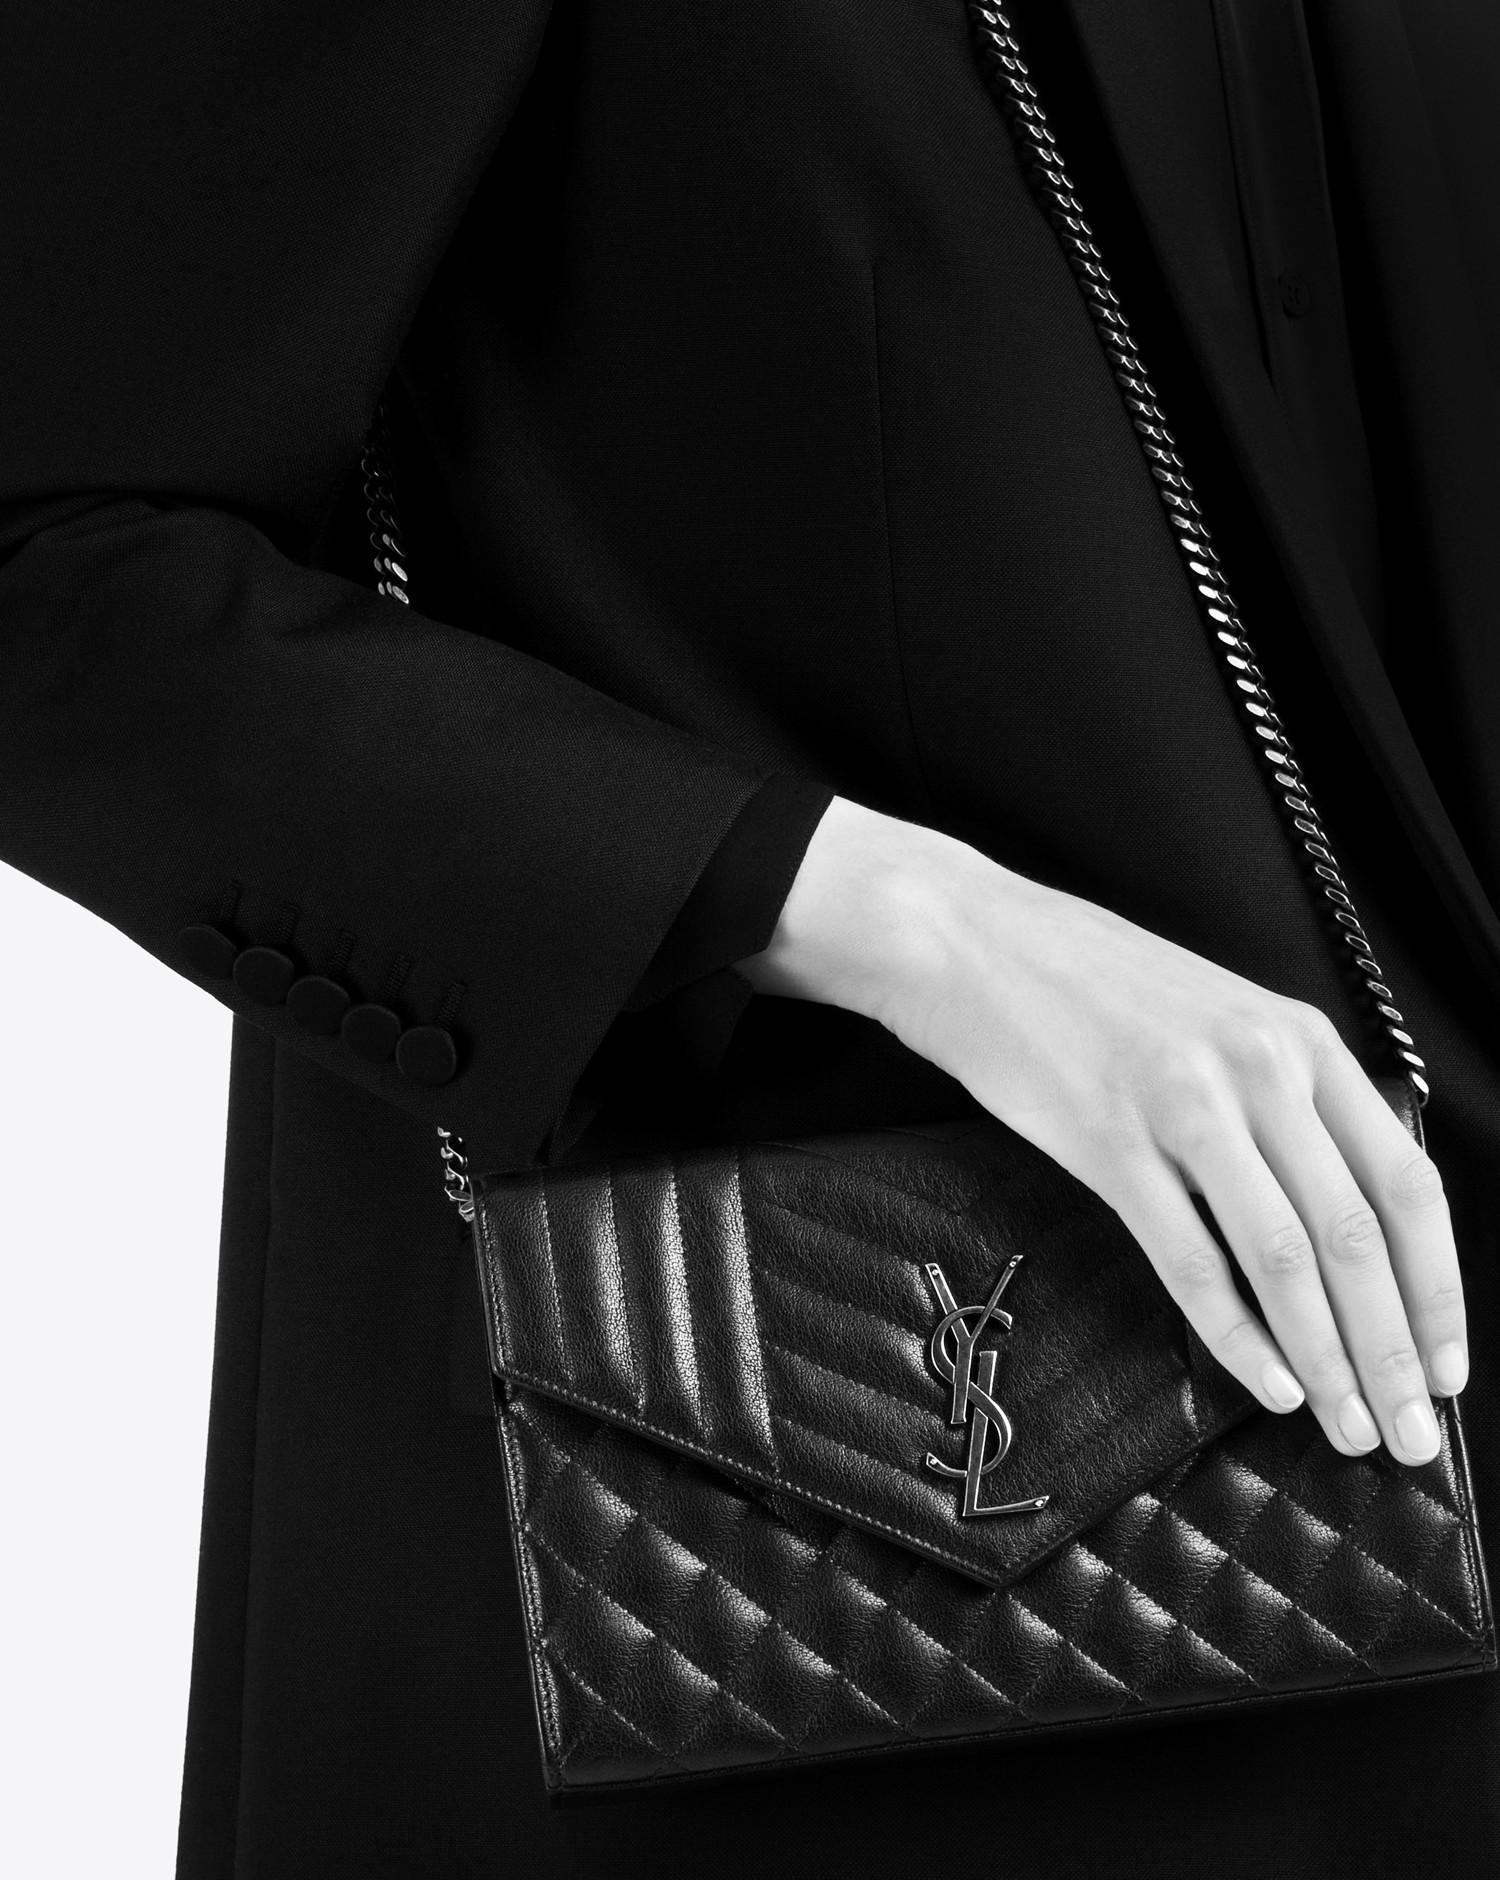 Lyst - Saint Laurent Monogram Chain Wallet In In Black Mixed ... 2316ffd5bfb55